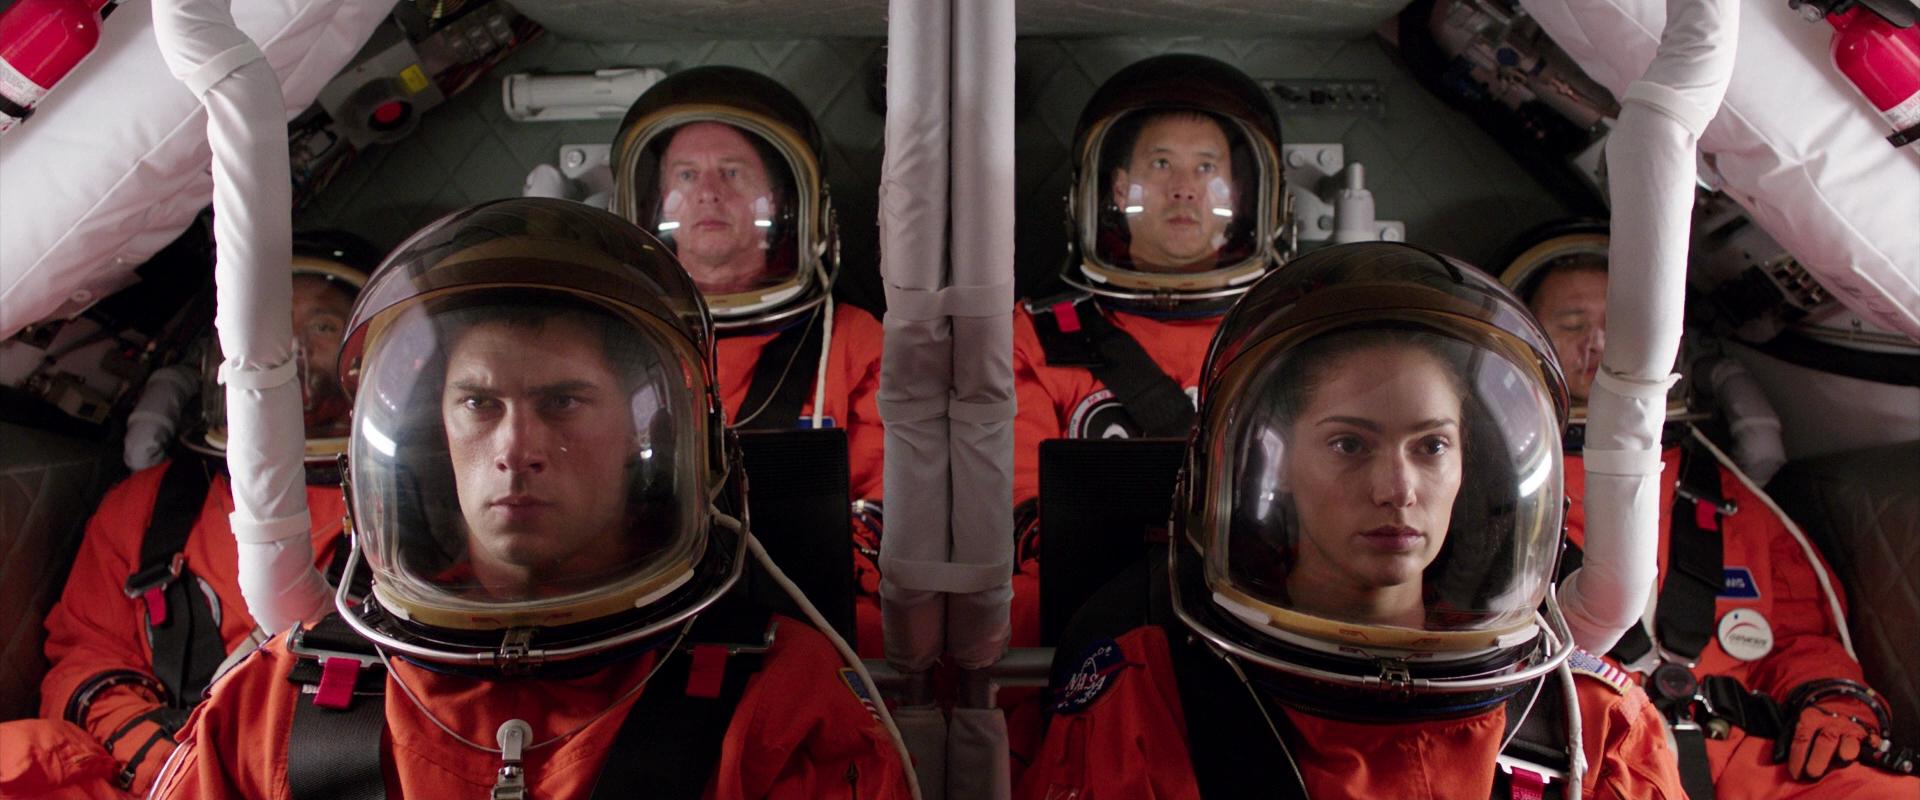 Первые космос 2018 фильм